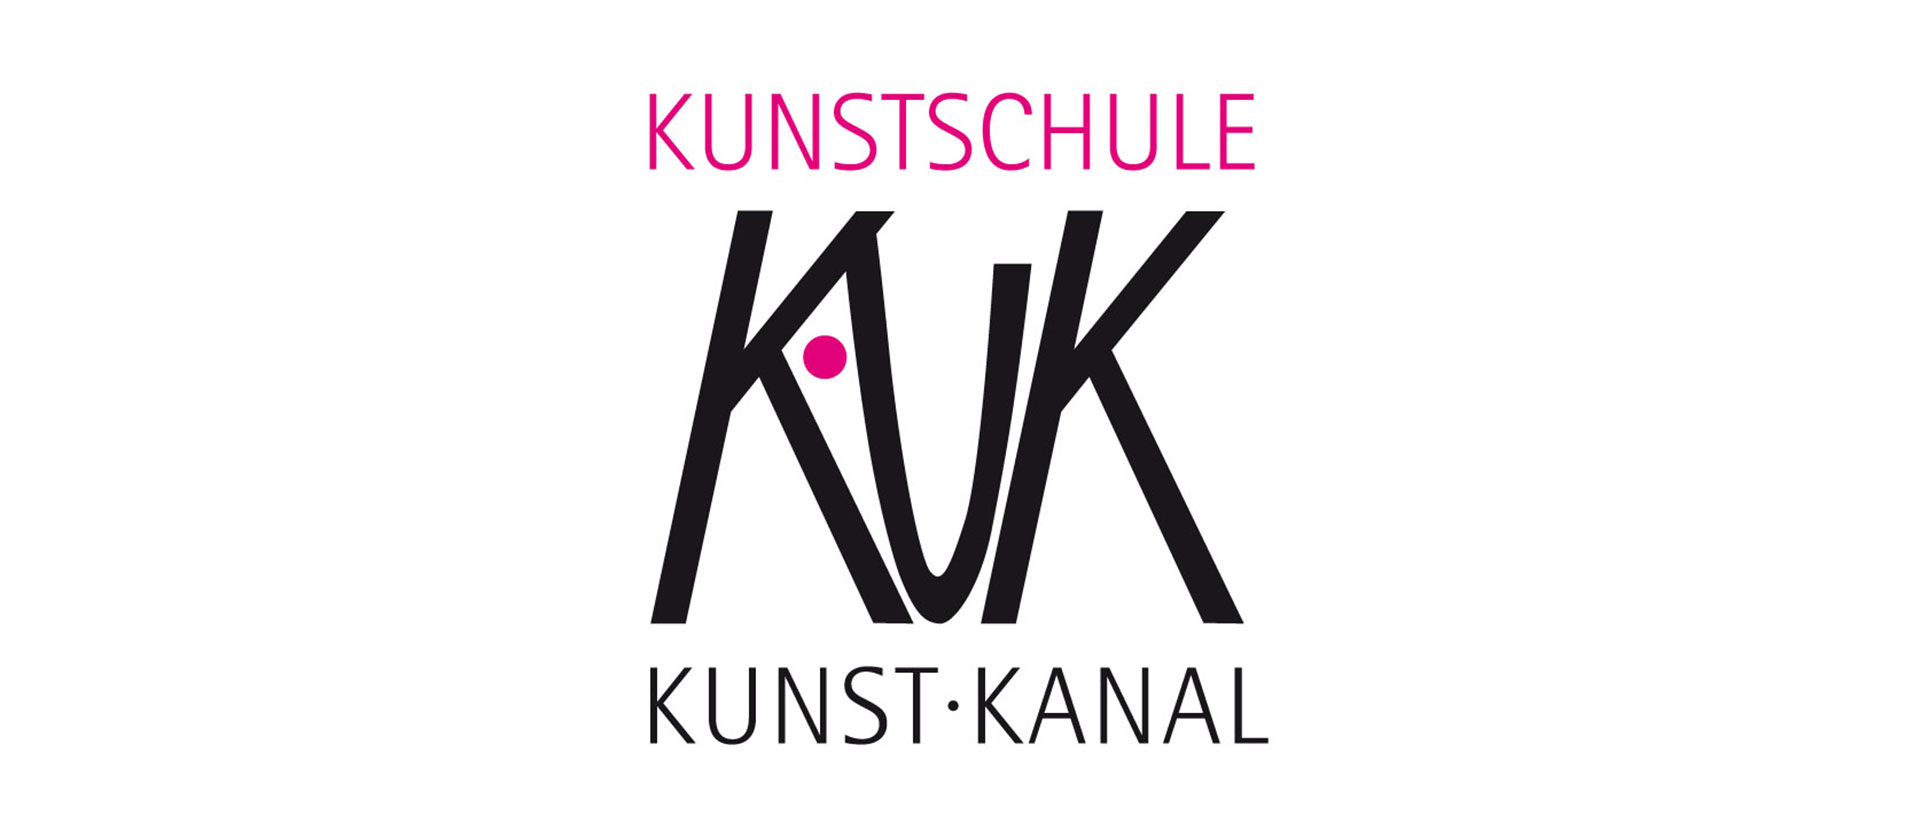 Kunstschule KUK Kunstkanal in Wertingen